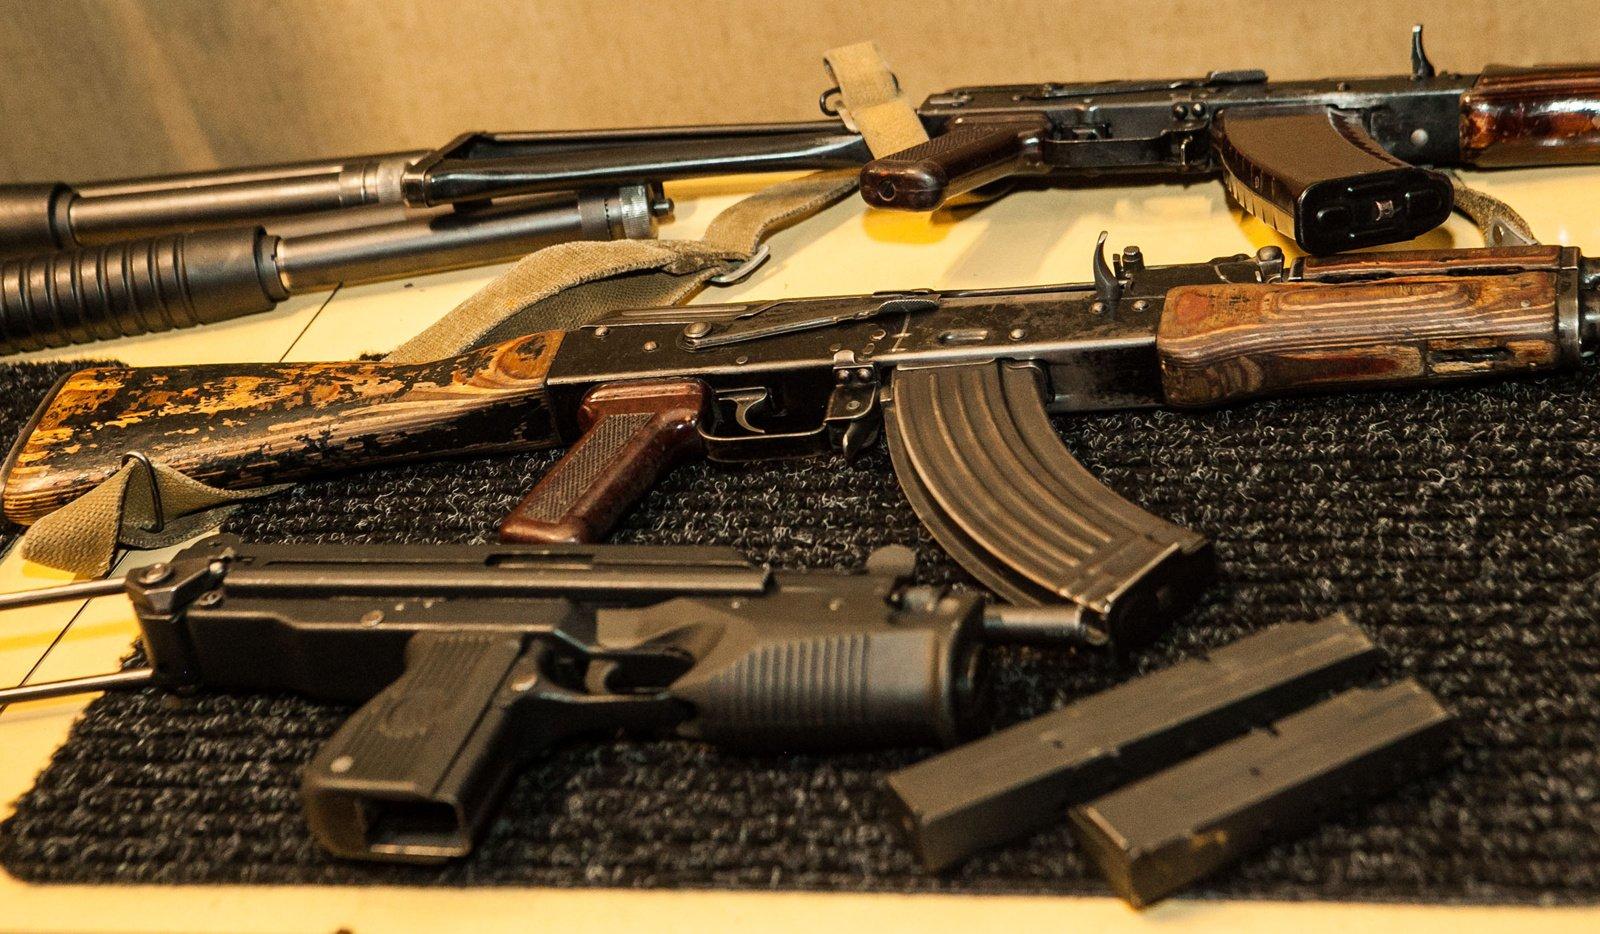 Marijampolėje iš muziejaus paimti šaunamieji ginklai